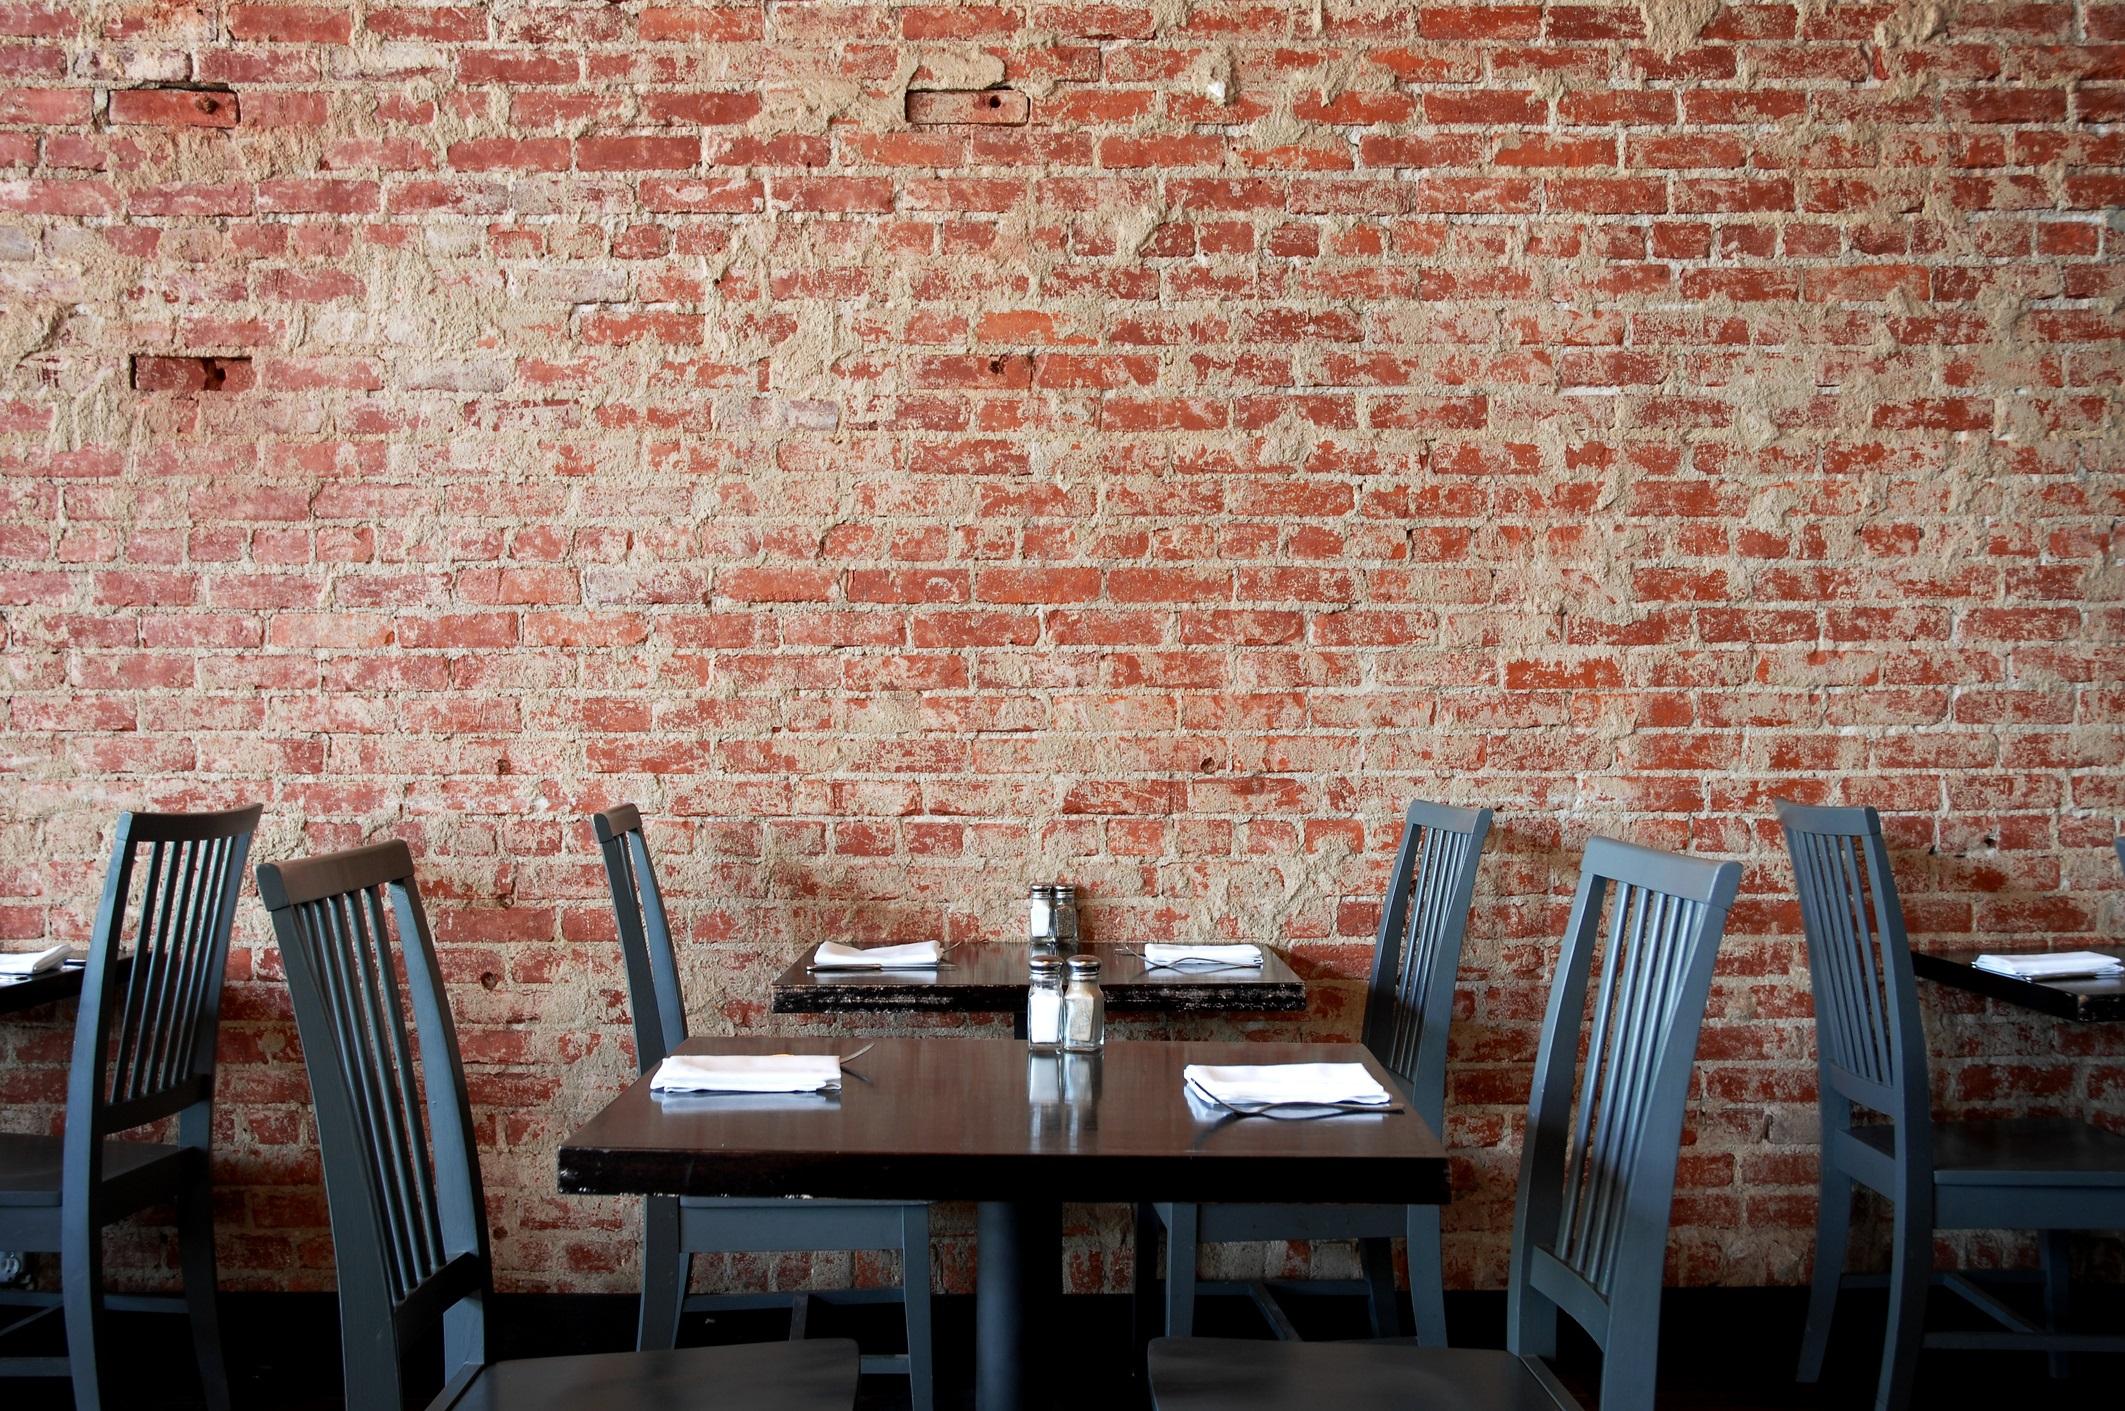 カフェではどんな席に座りますか?